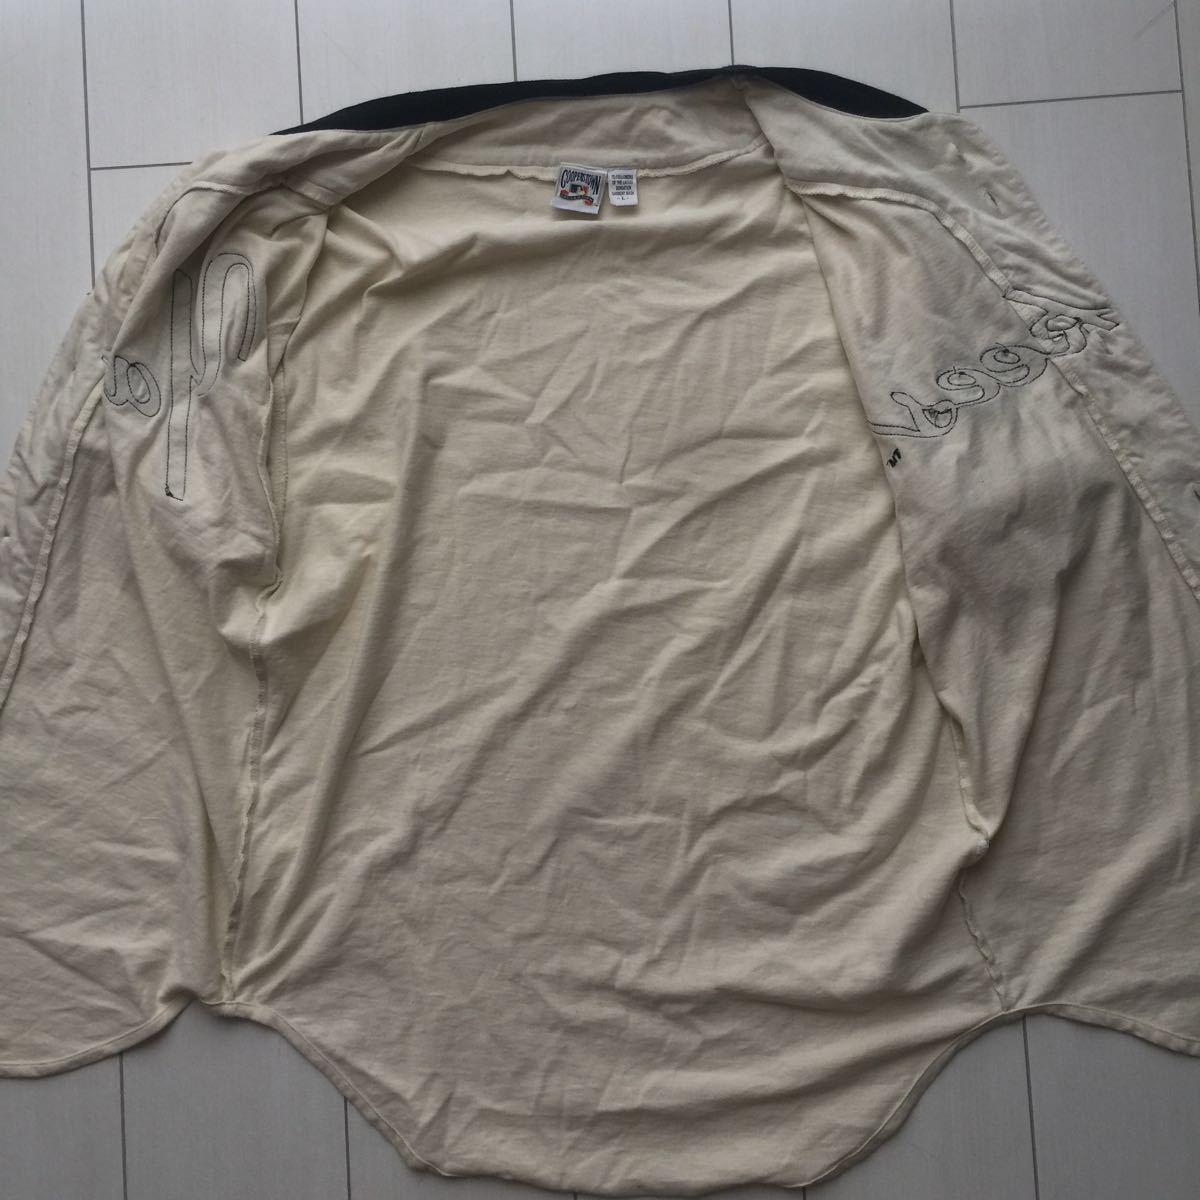 送料無料 coopers town baseball shirt new york yankees クーパーズタウン ヤンキース ベースボールシャツ old オールド 1927 vintage MLB_画像7